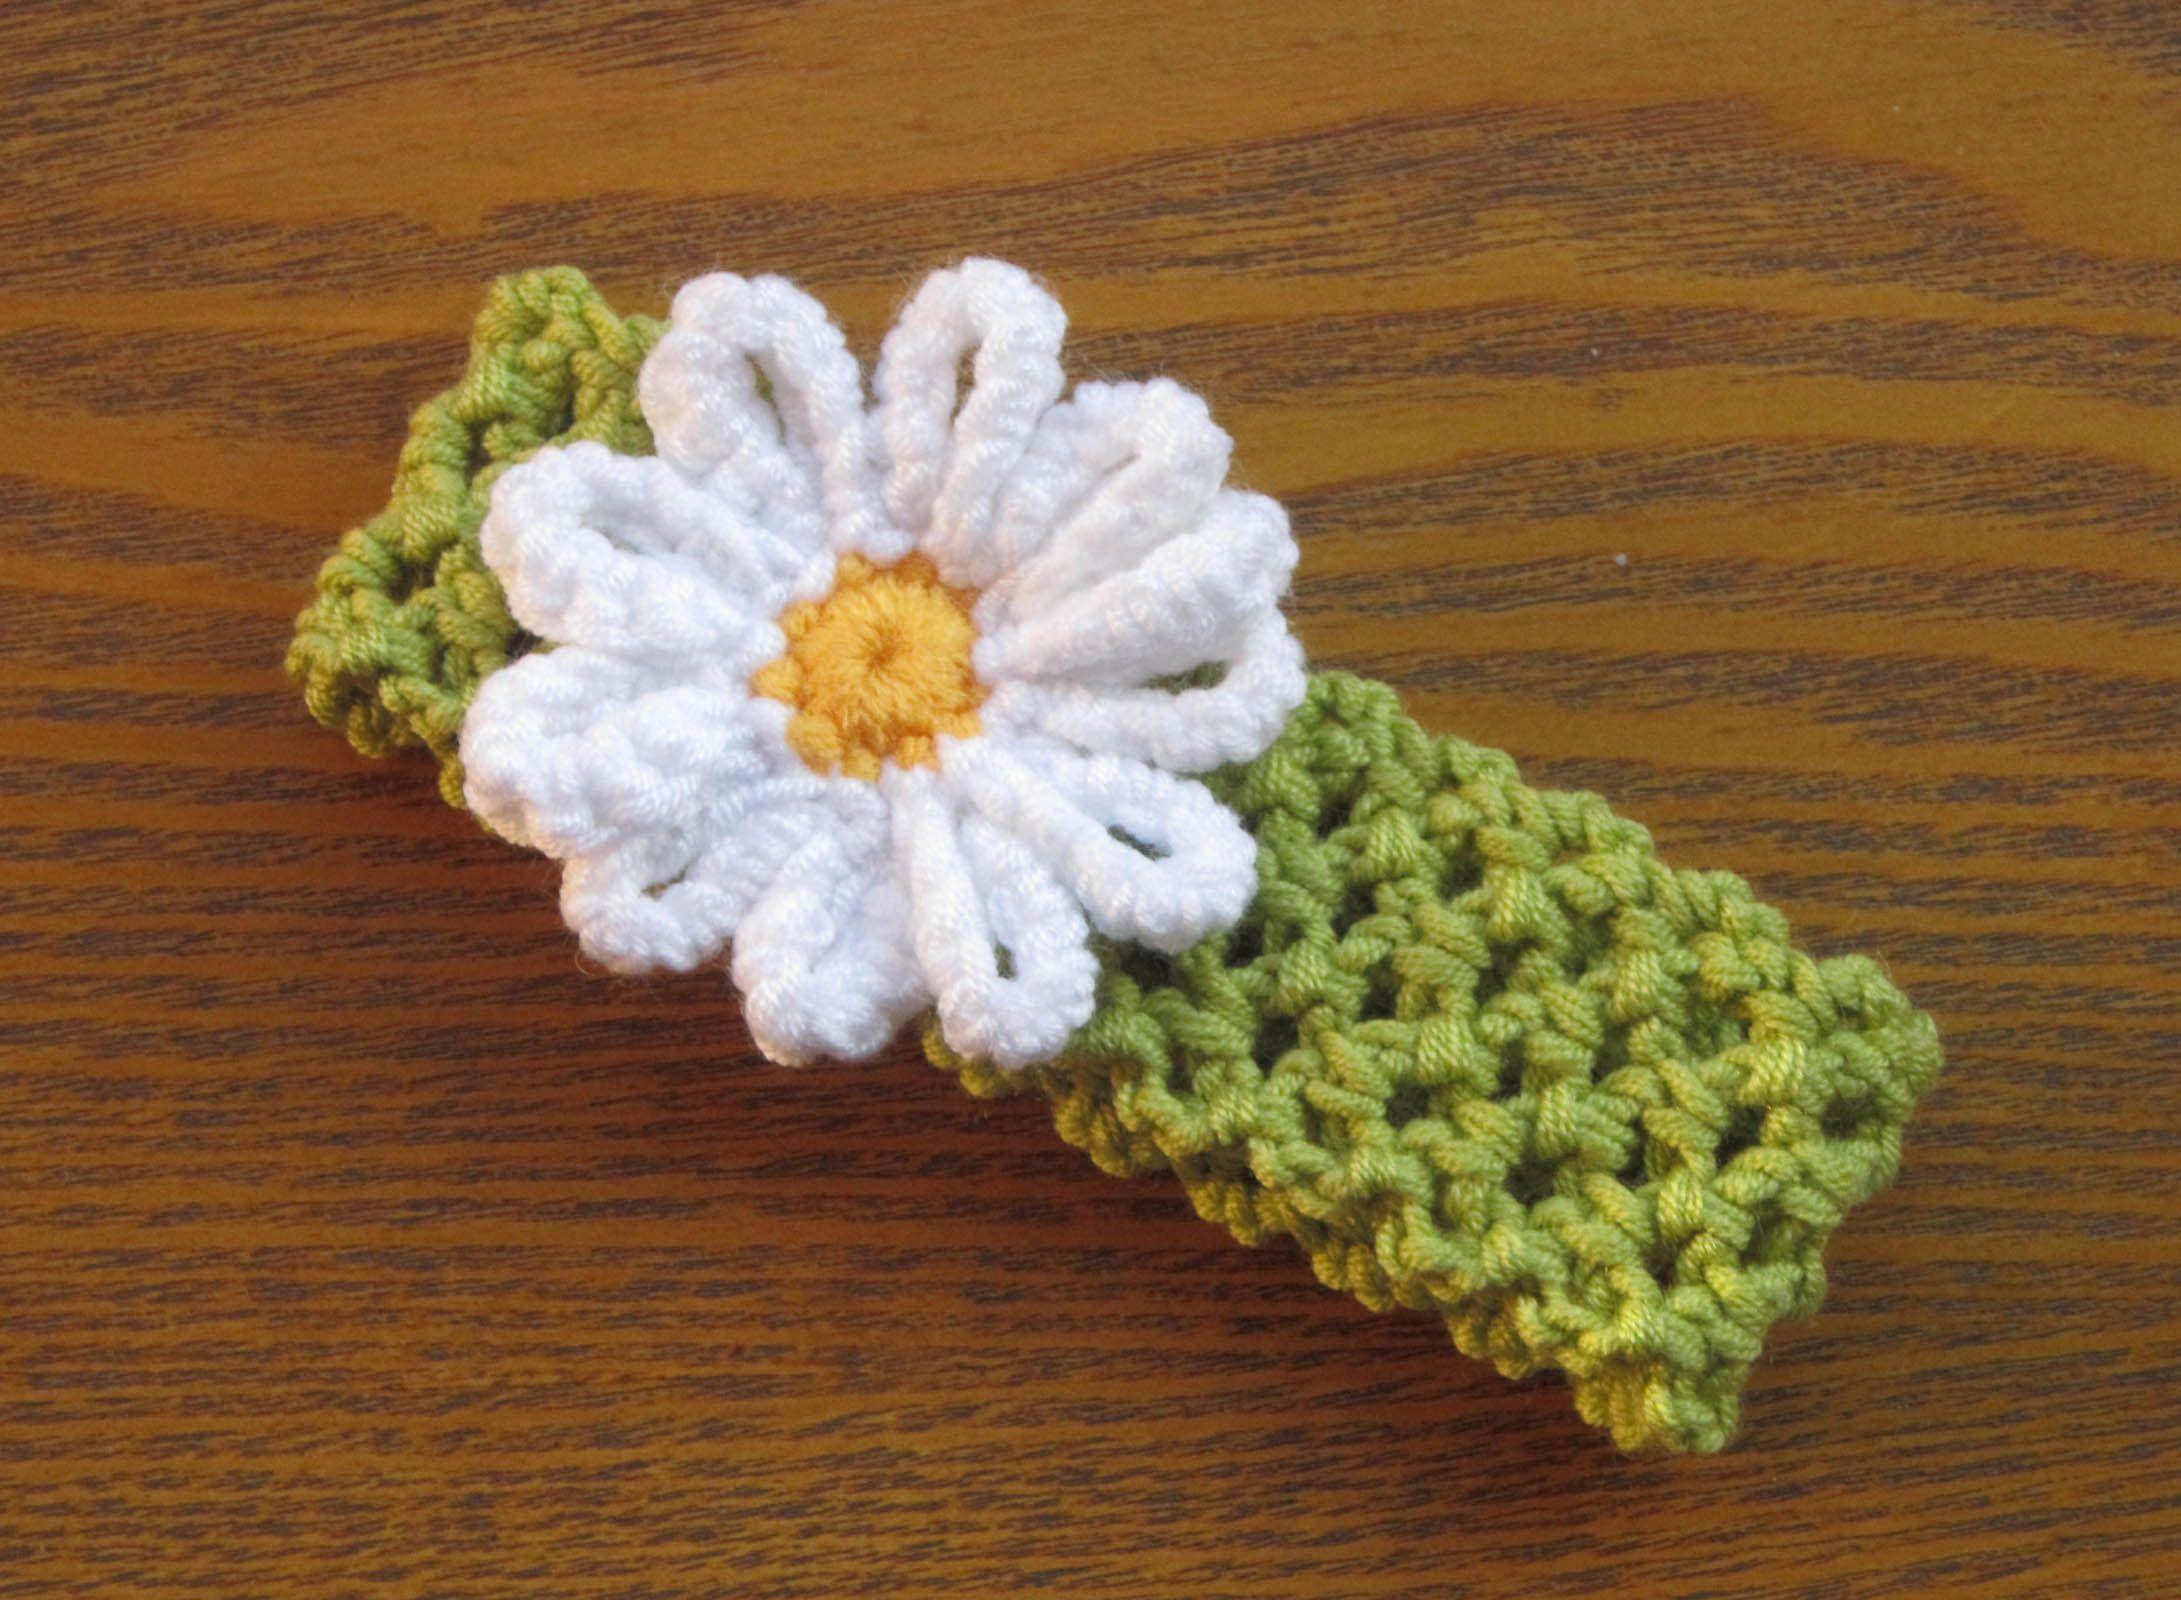 Crochet Daisy Headband Crochet Headbands Pinterest